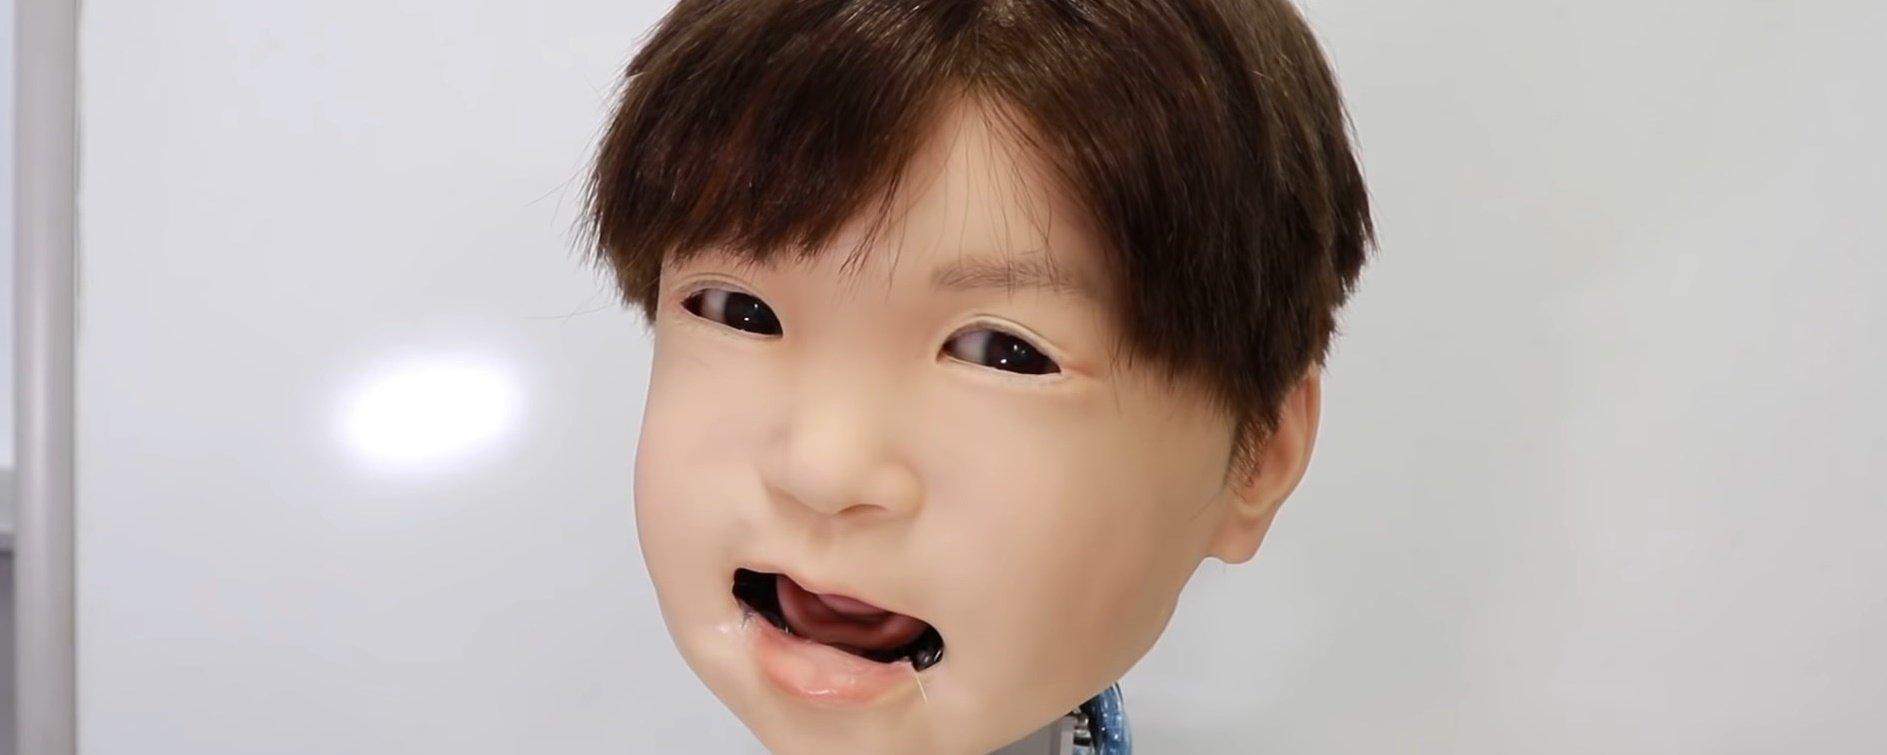 Criança robô sinistra consegue imitar várias expressões humanas